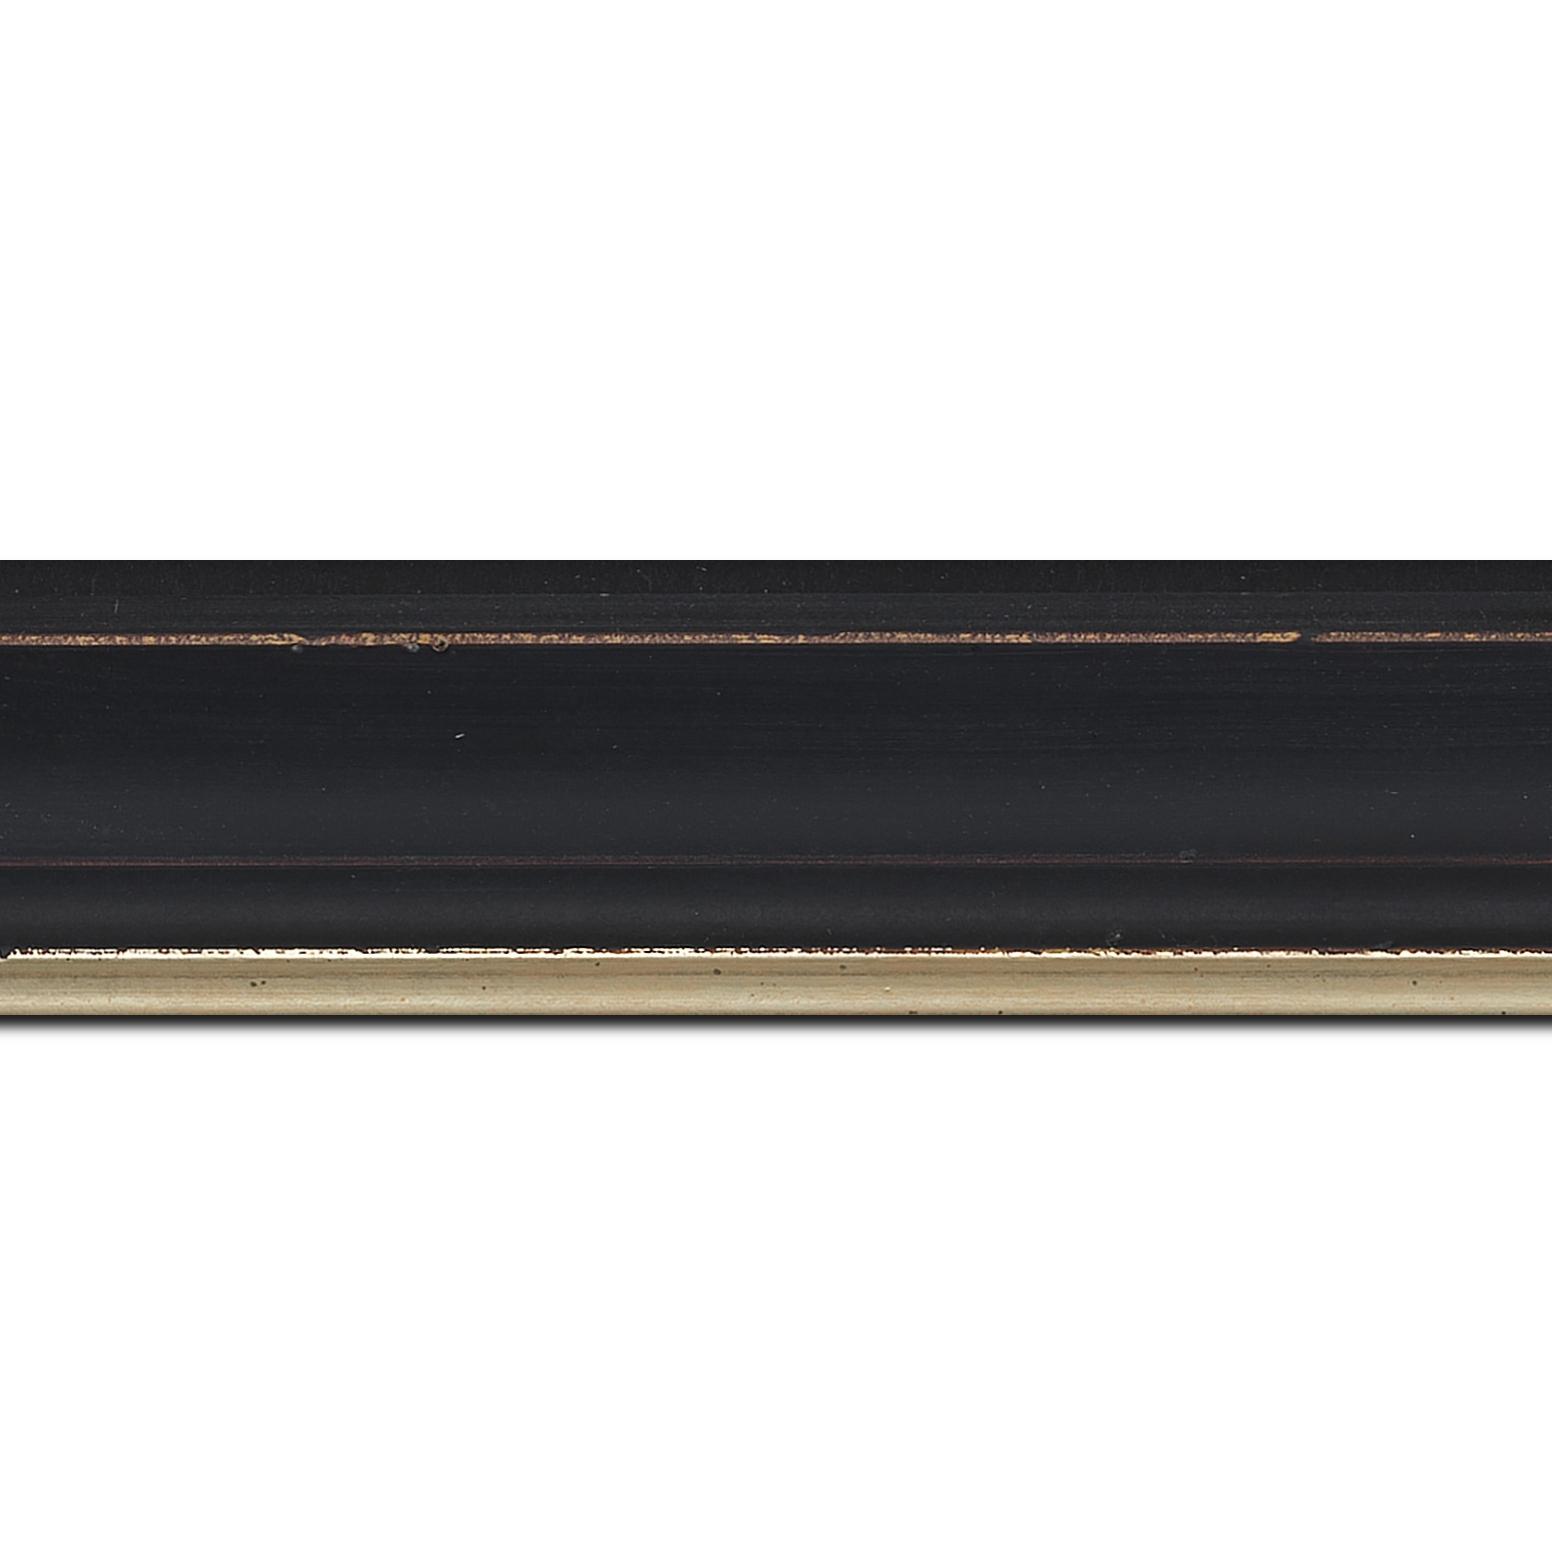 Baguette longueur 1.40m bois profil incurvé largeur 4.2cm couleur noir filet or fondu finition nature